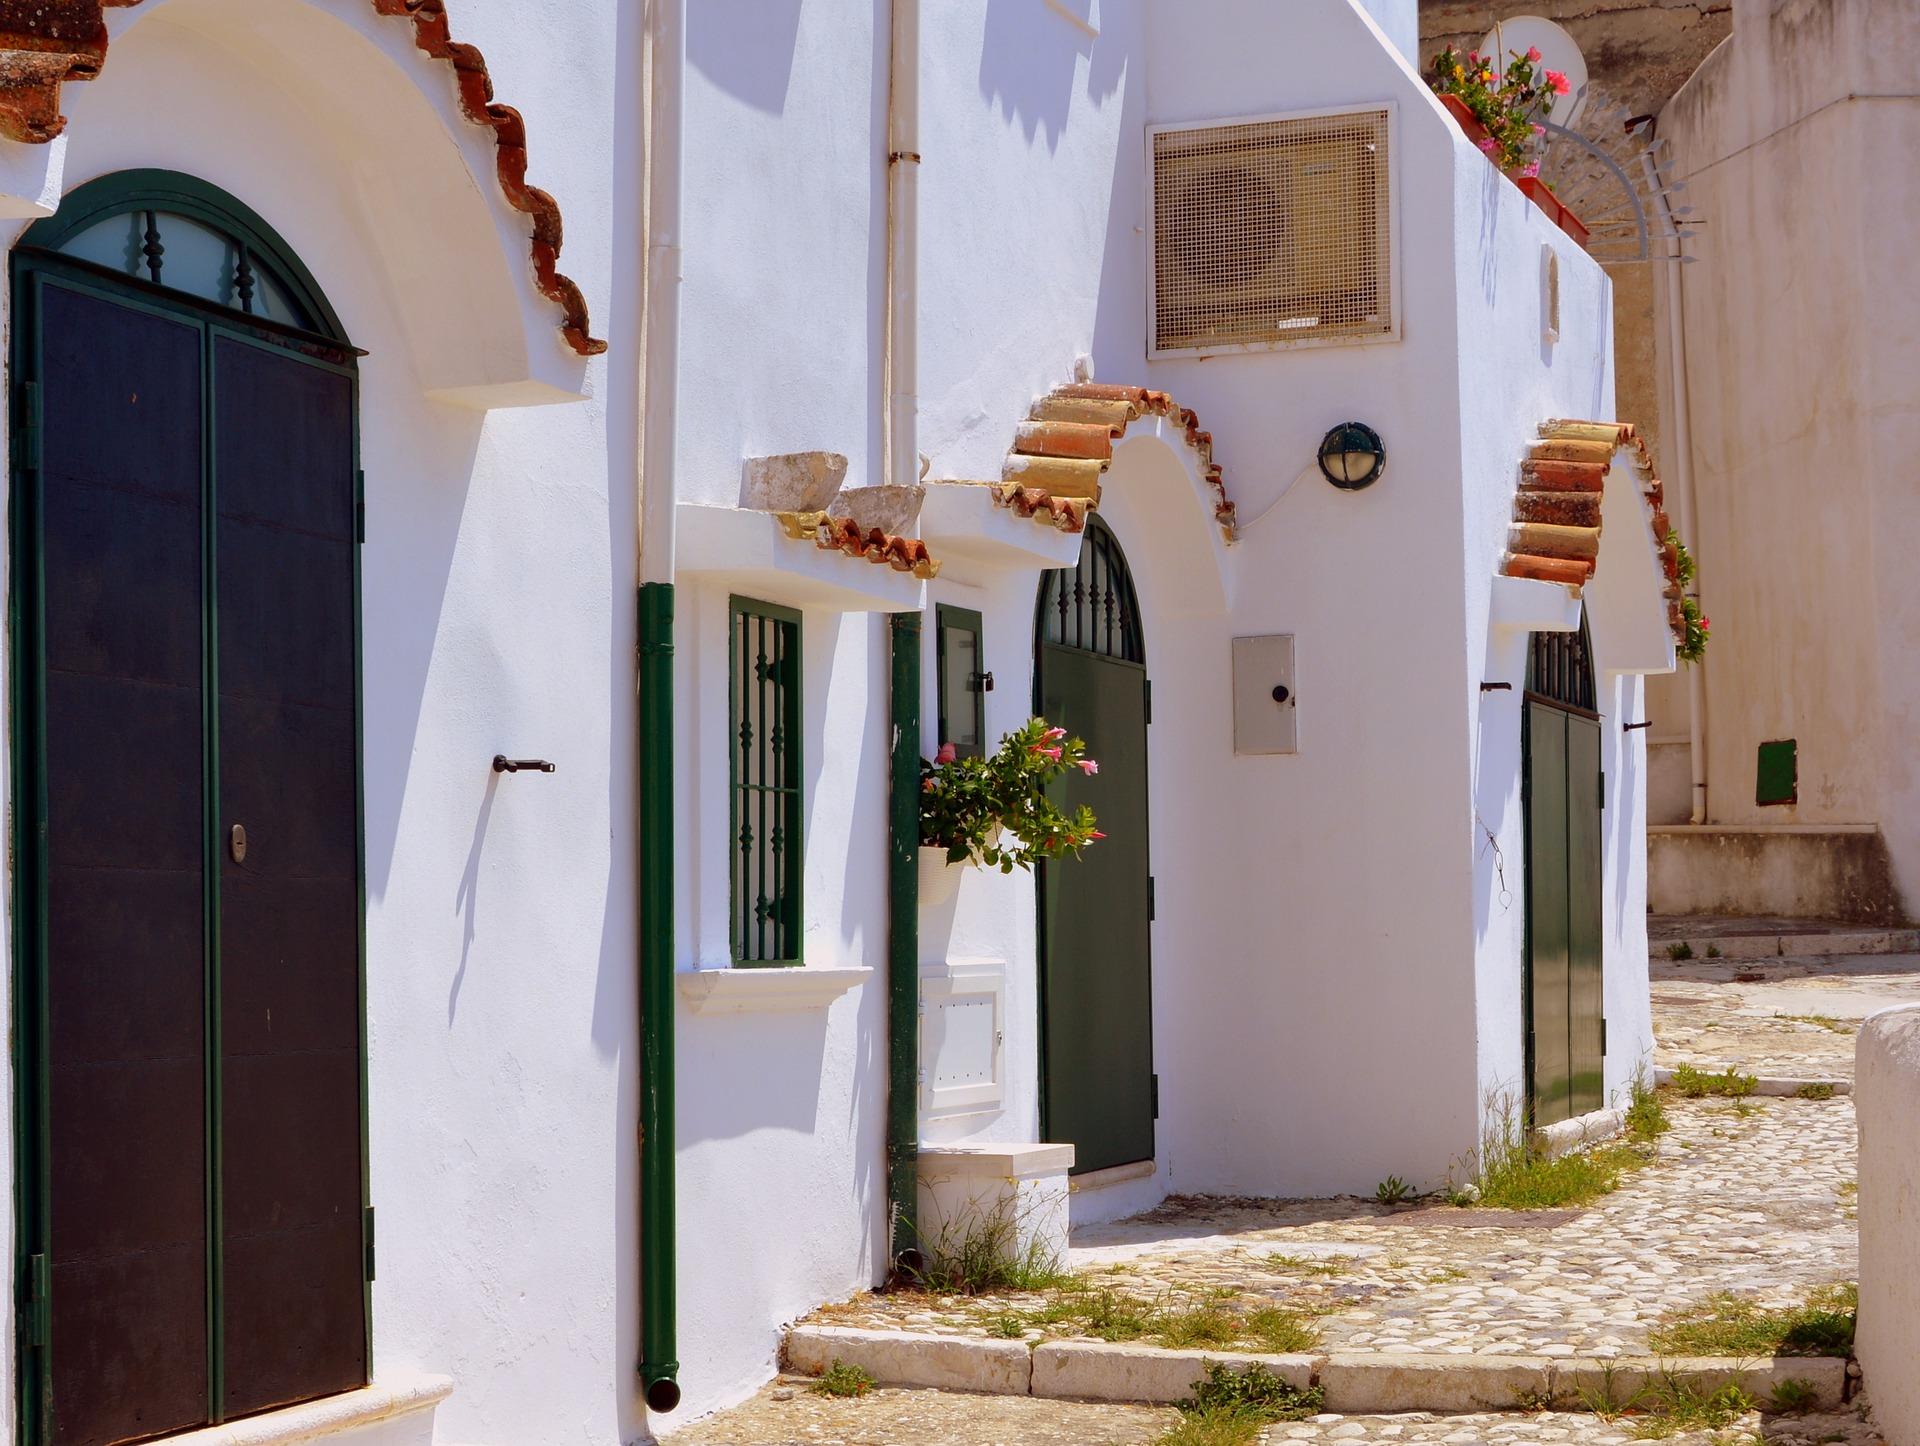 entrance-3640609_1920.jpg